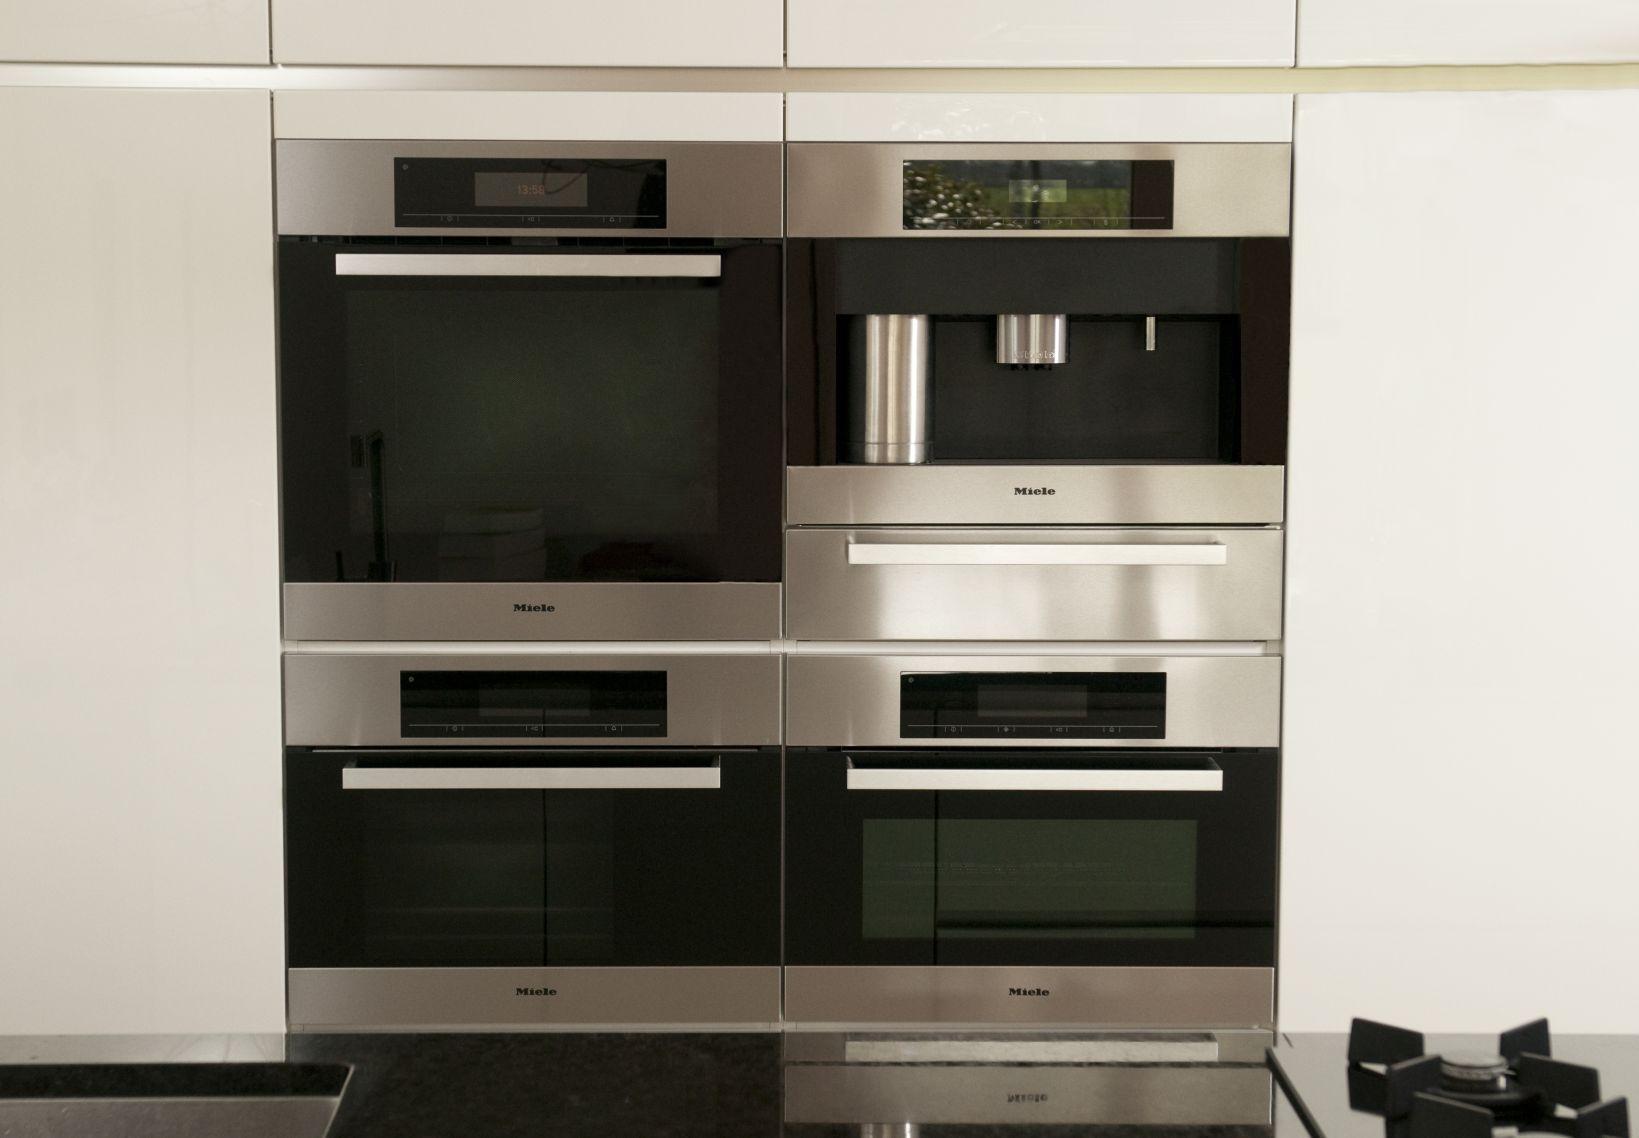 Keuken Met Gratis Quooker : Systemat keuken hoogglans greeploos met Miele en Quooker Twin Taps